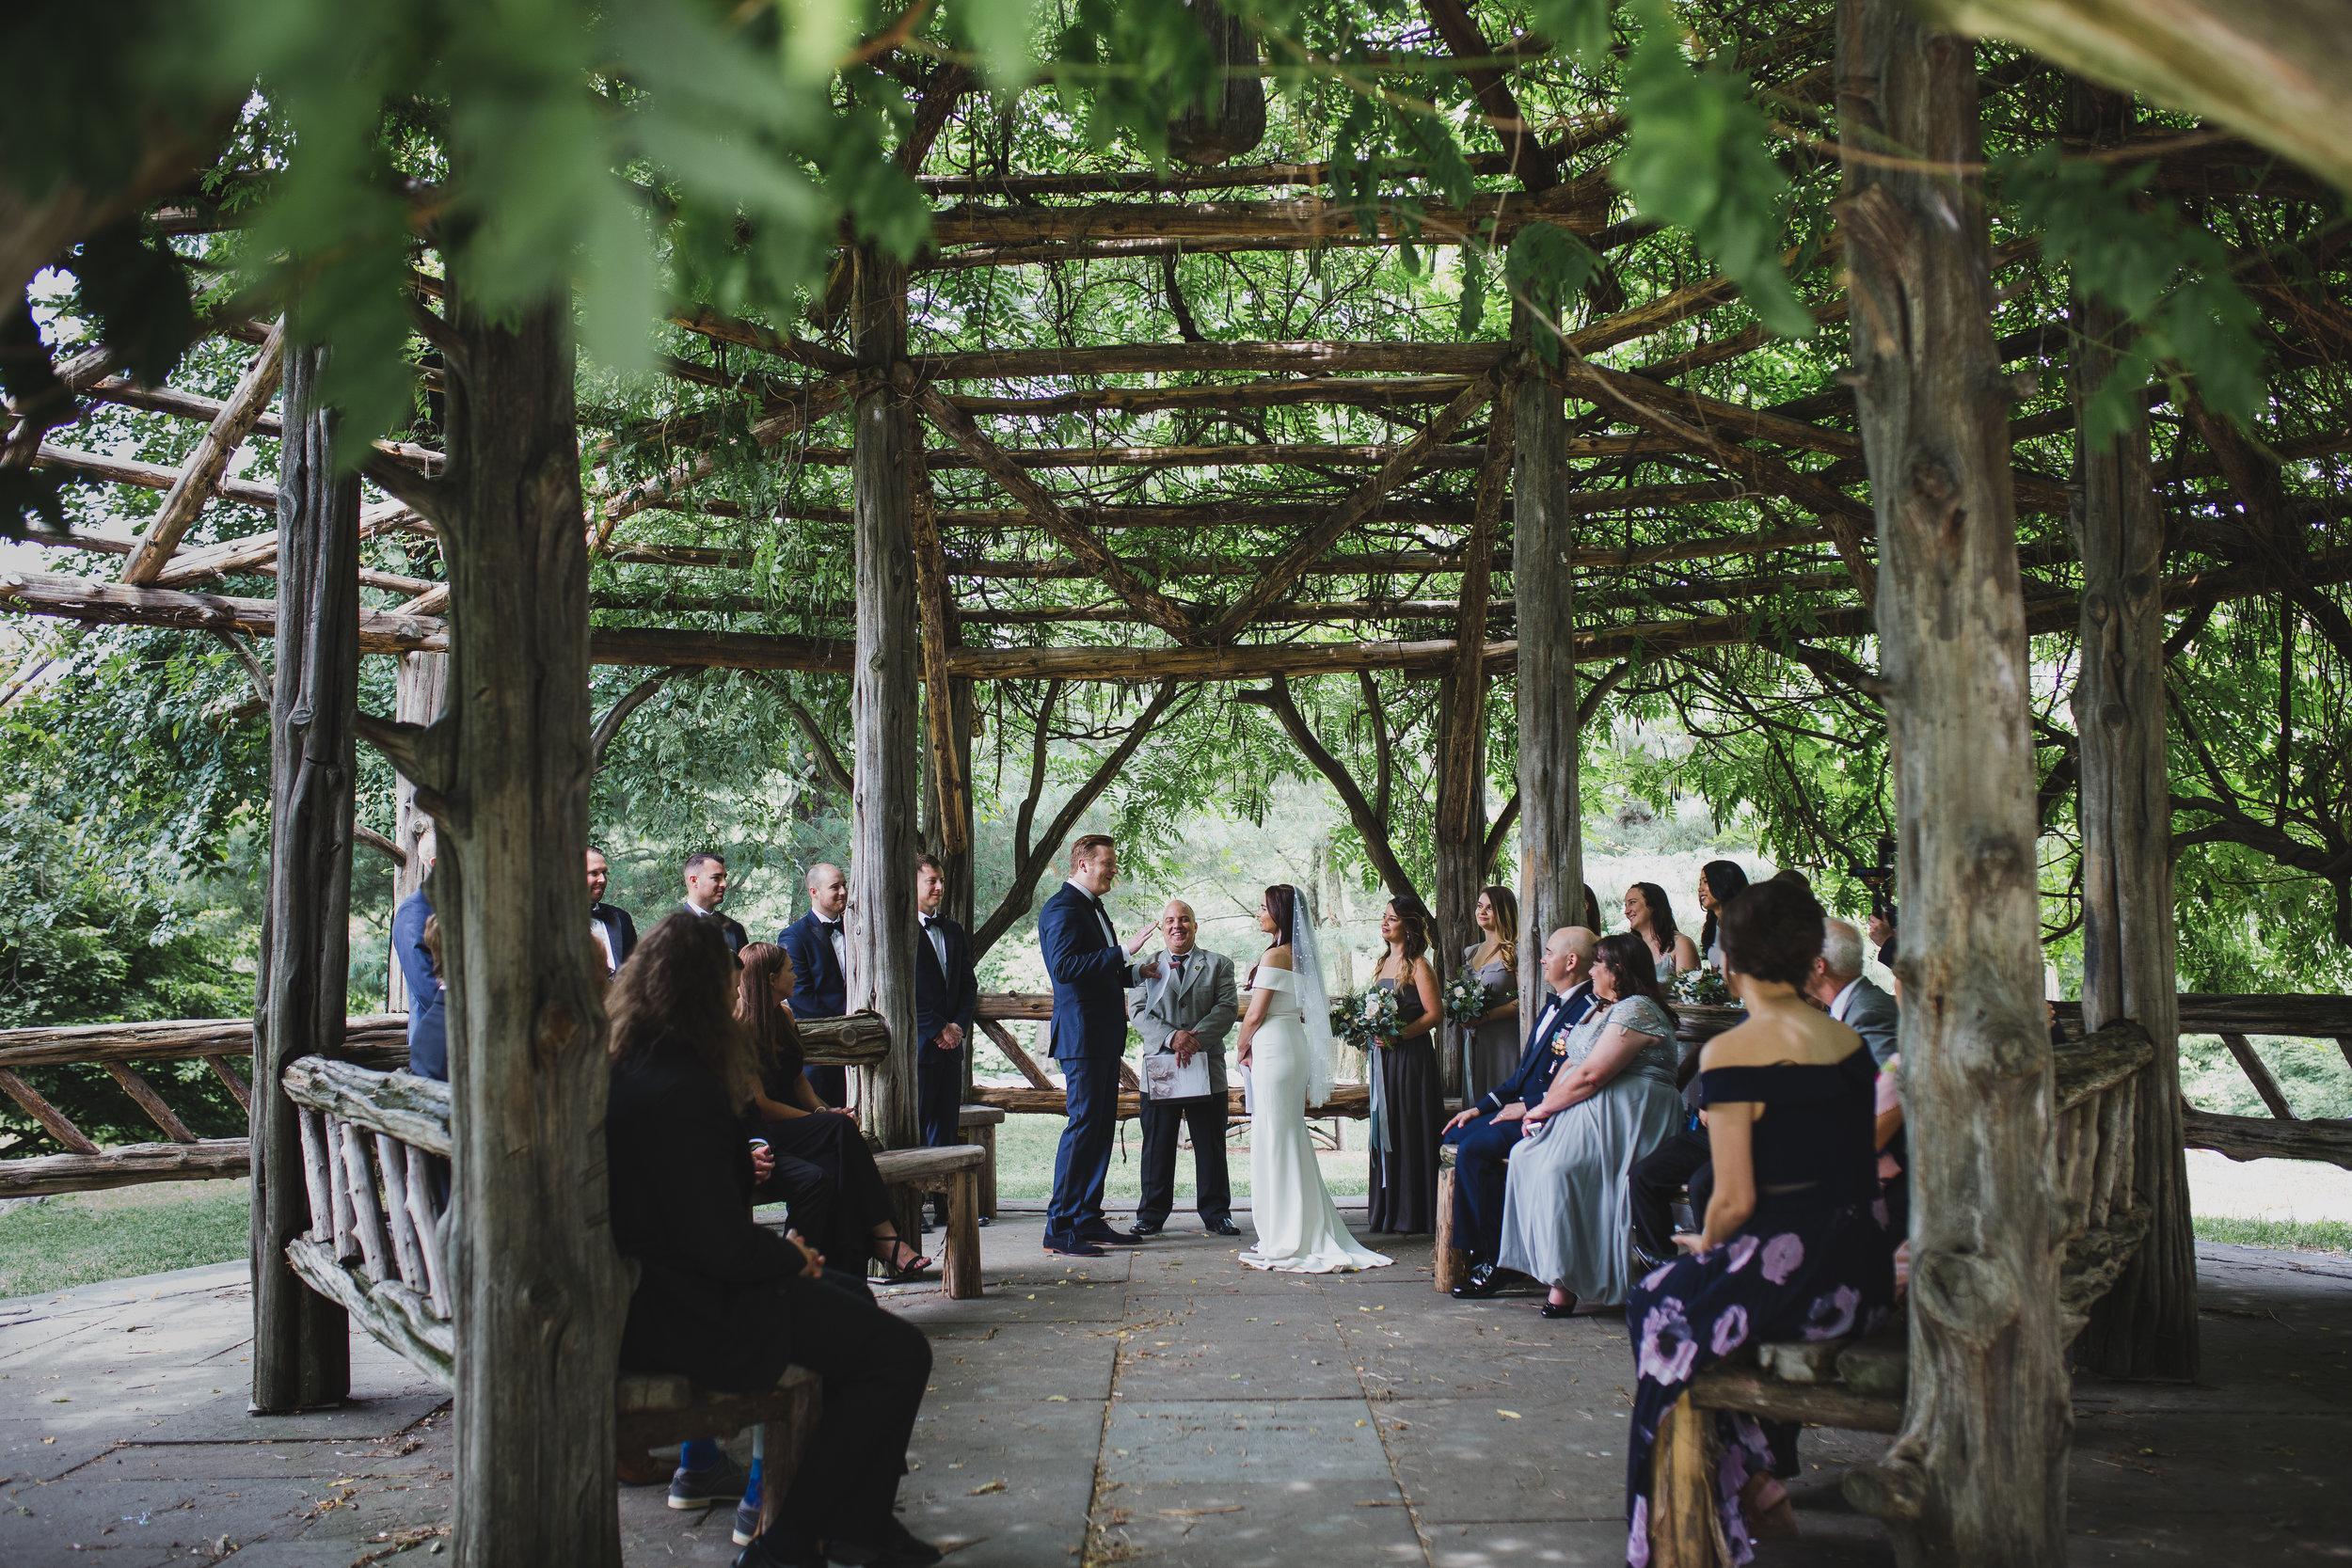 Weddings by Hanel -7.21.18 Samantha  CJ Villa Nuits Wedding-337.jpg